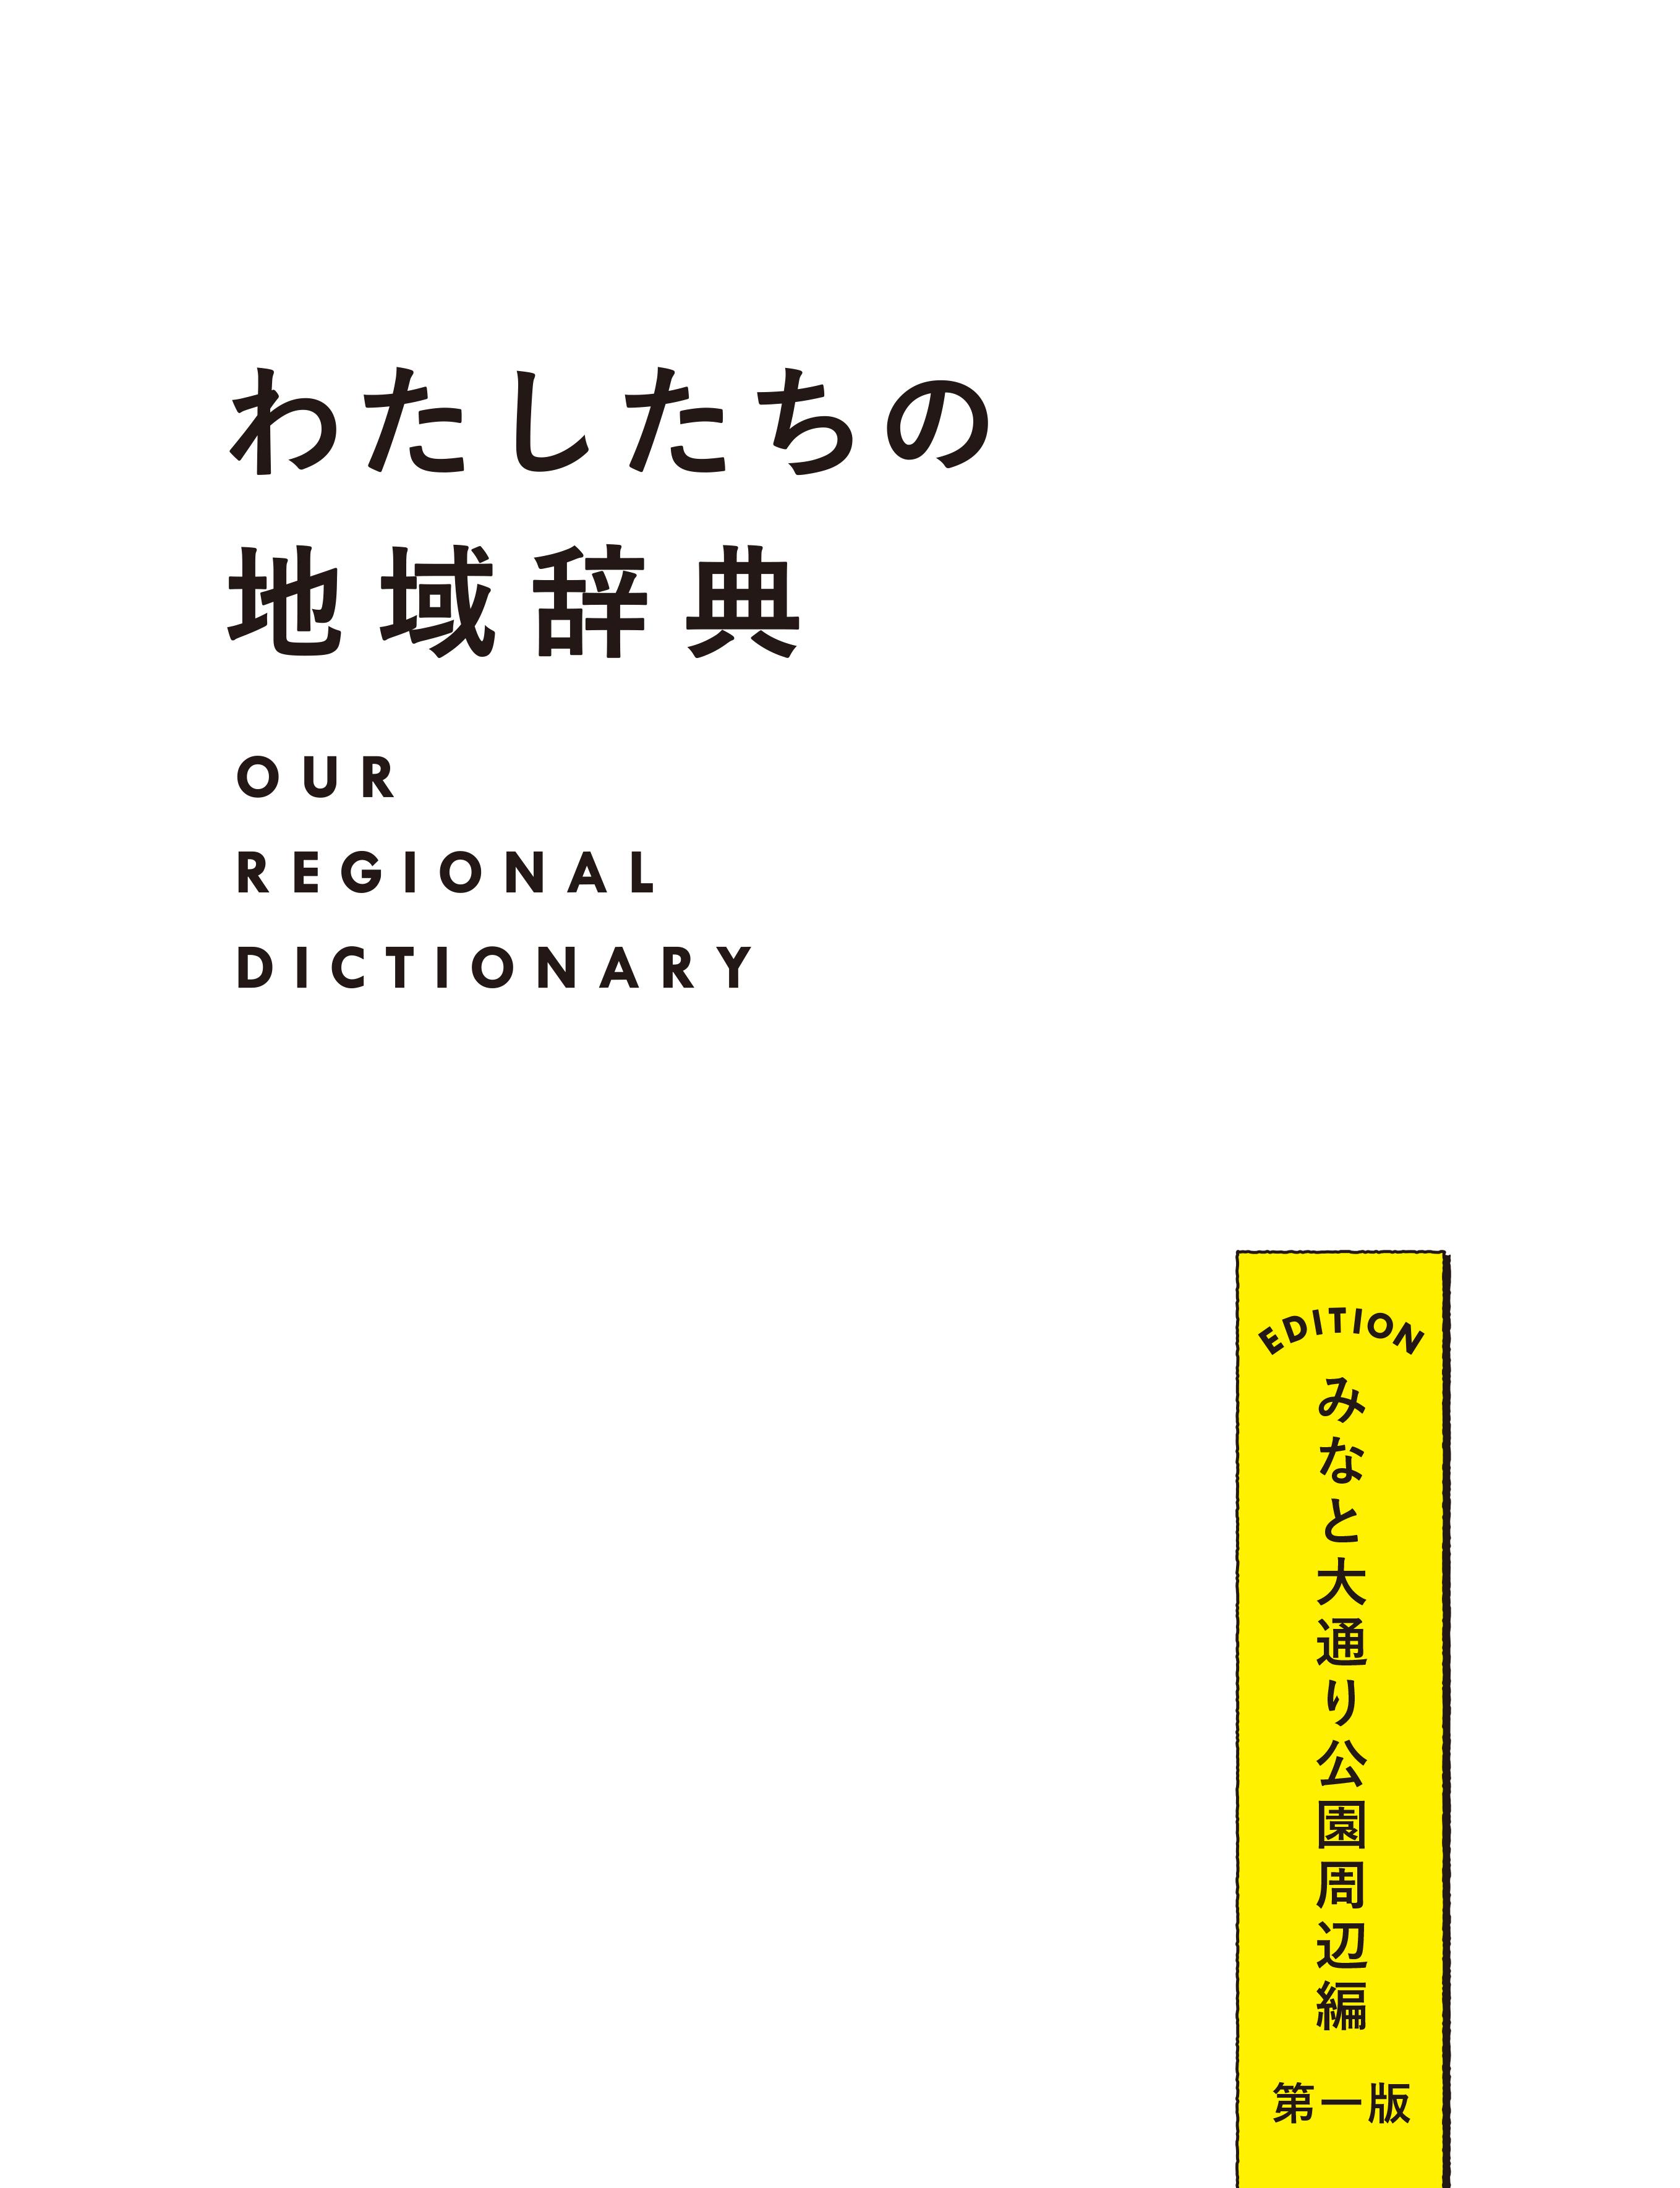 【公開中】わたしたちの地域辞典